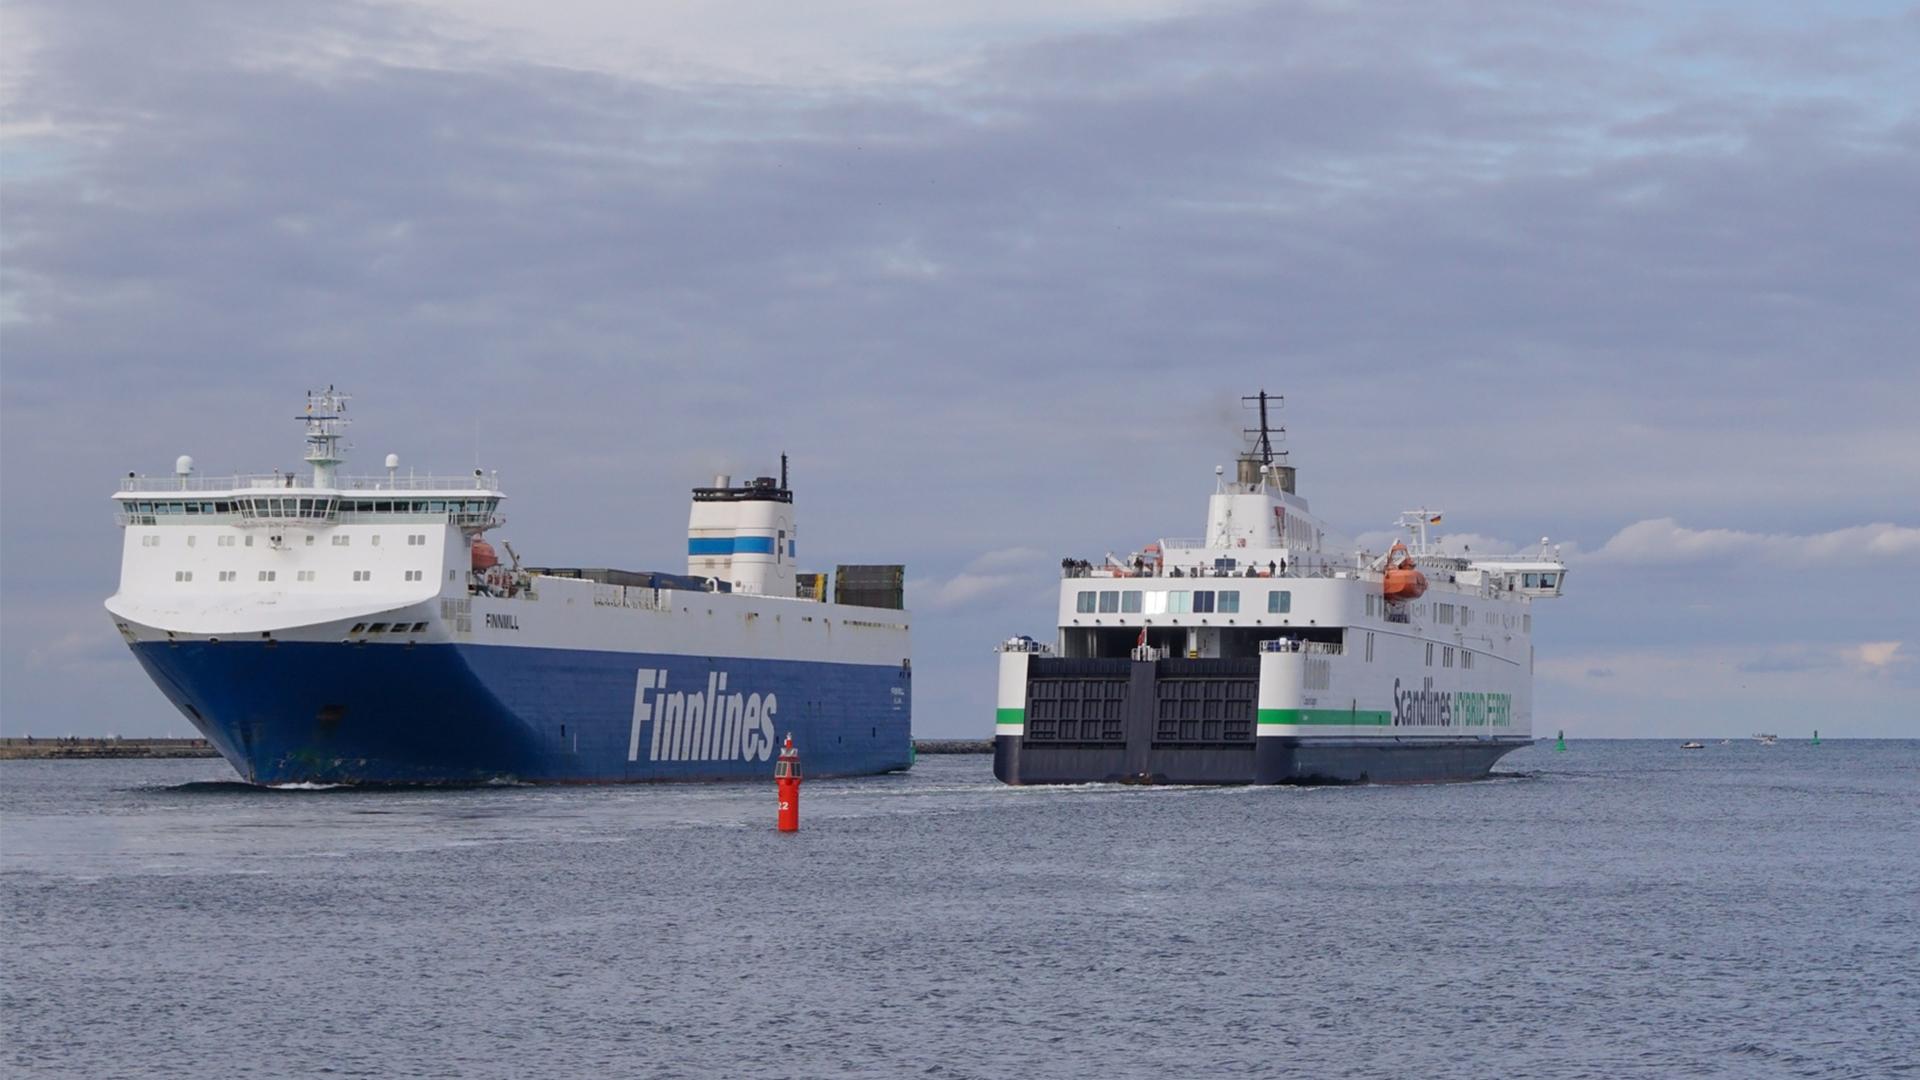 Koronan vuoksi kotimatkalle lähteneen pariskunnan poika maksoi vanhempiensa paluumatkan viimeisen etapin, laivamatkan Travemundesta Helsinkiin.